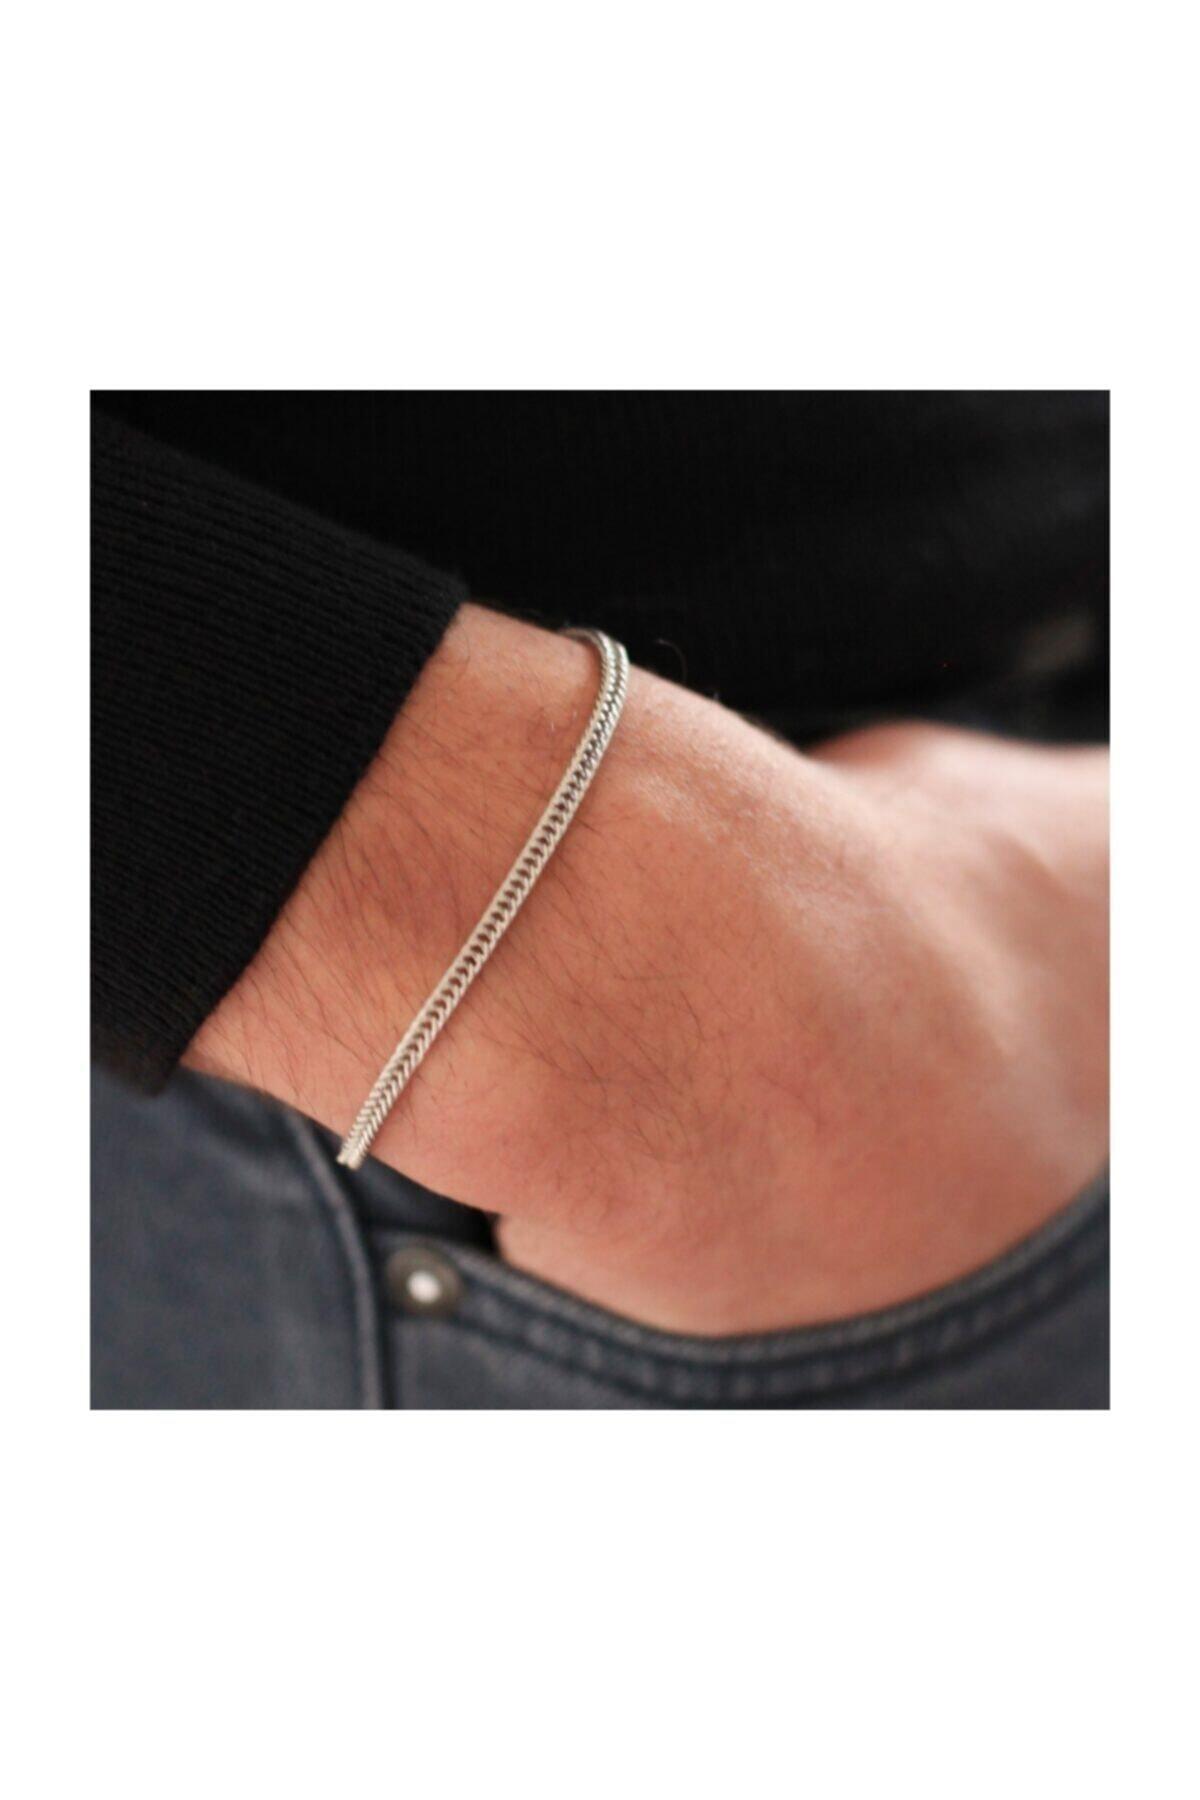 X-Lady Accessories Tilki Kuyruğu Gümüş Renk Çelik Erkek Bileklik Künye 2